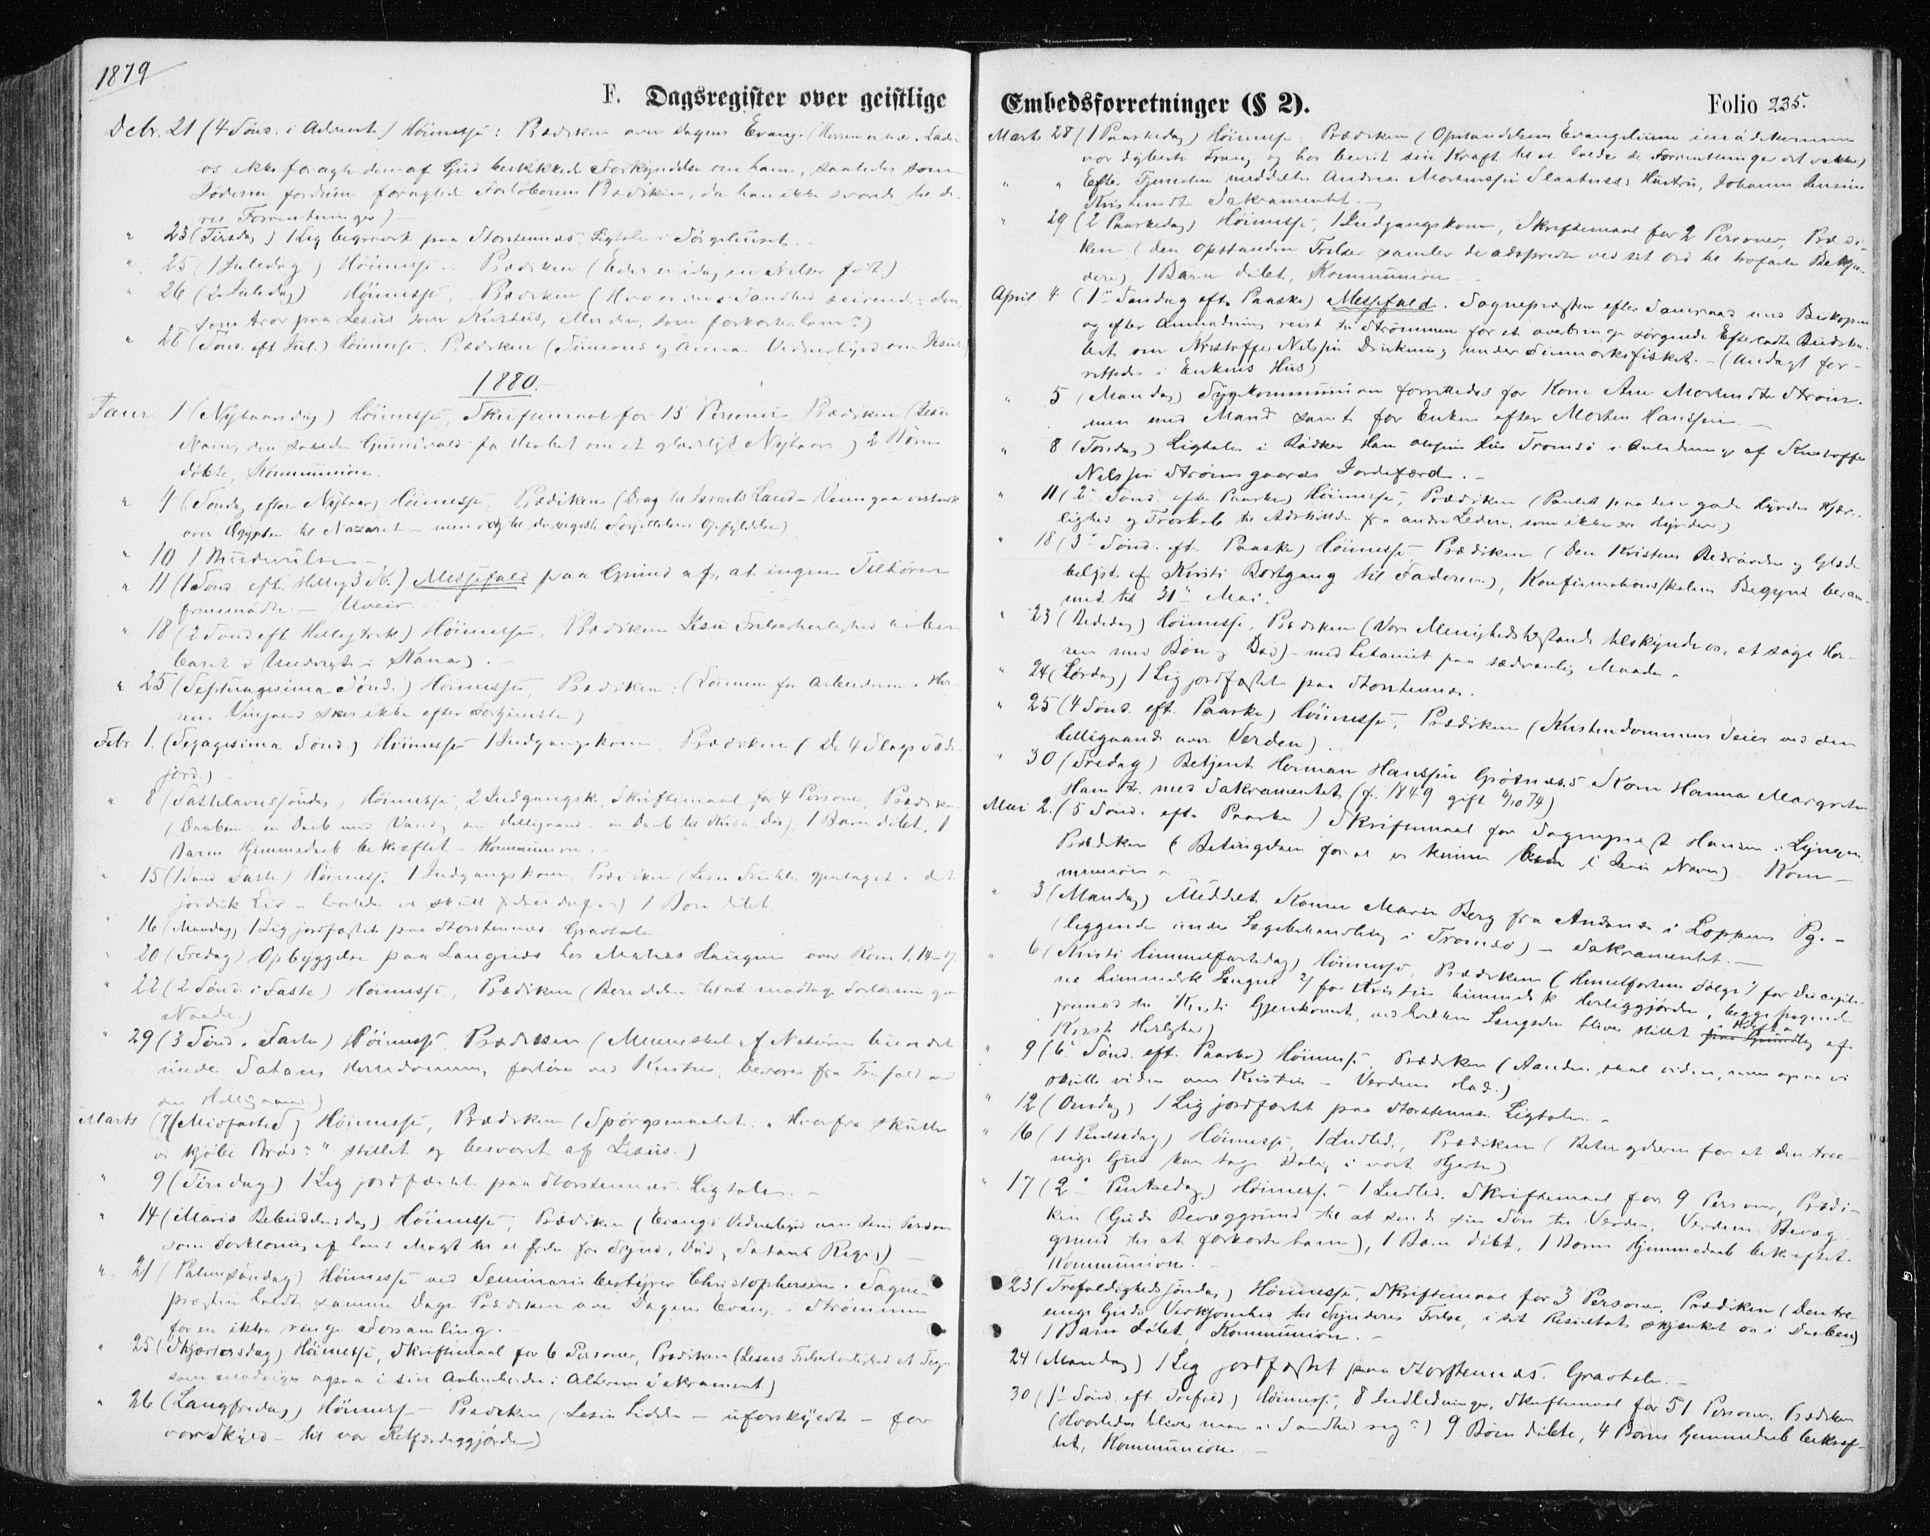 SATØ, Tromsøysund sokneprestkontor, G/Ga/L0003kirke: Ministerialbok nr. 3, 1875-1880, s. 235